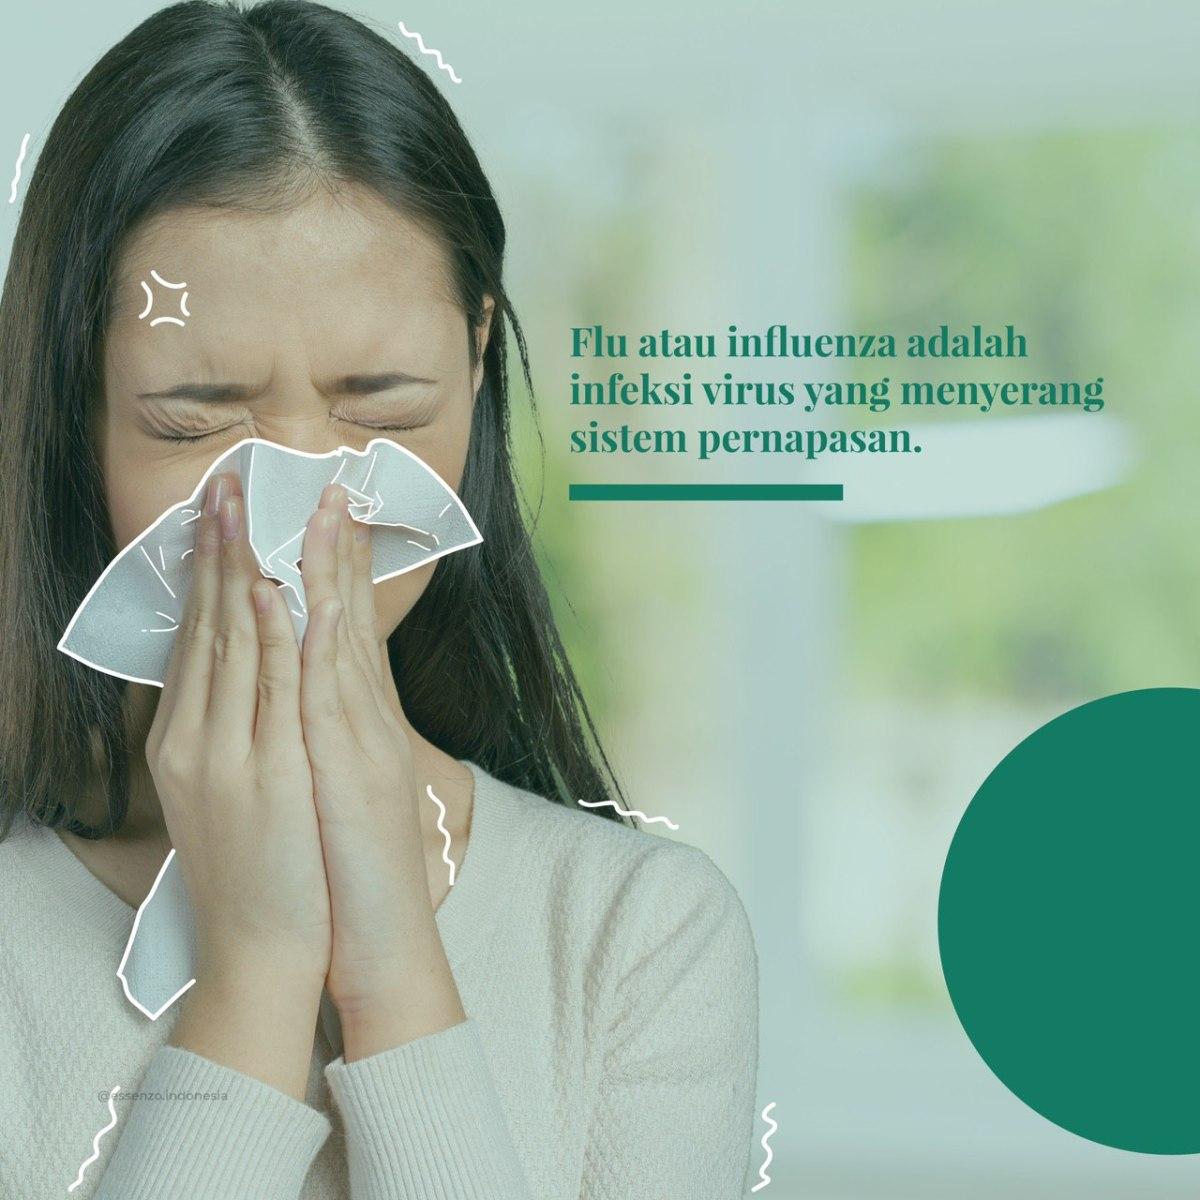 Resiko terkena flu cukup tinggi berada disekelilingkita